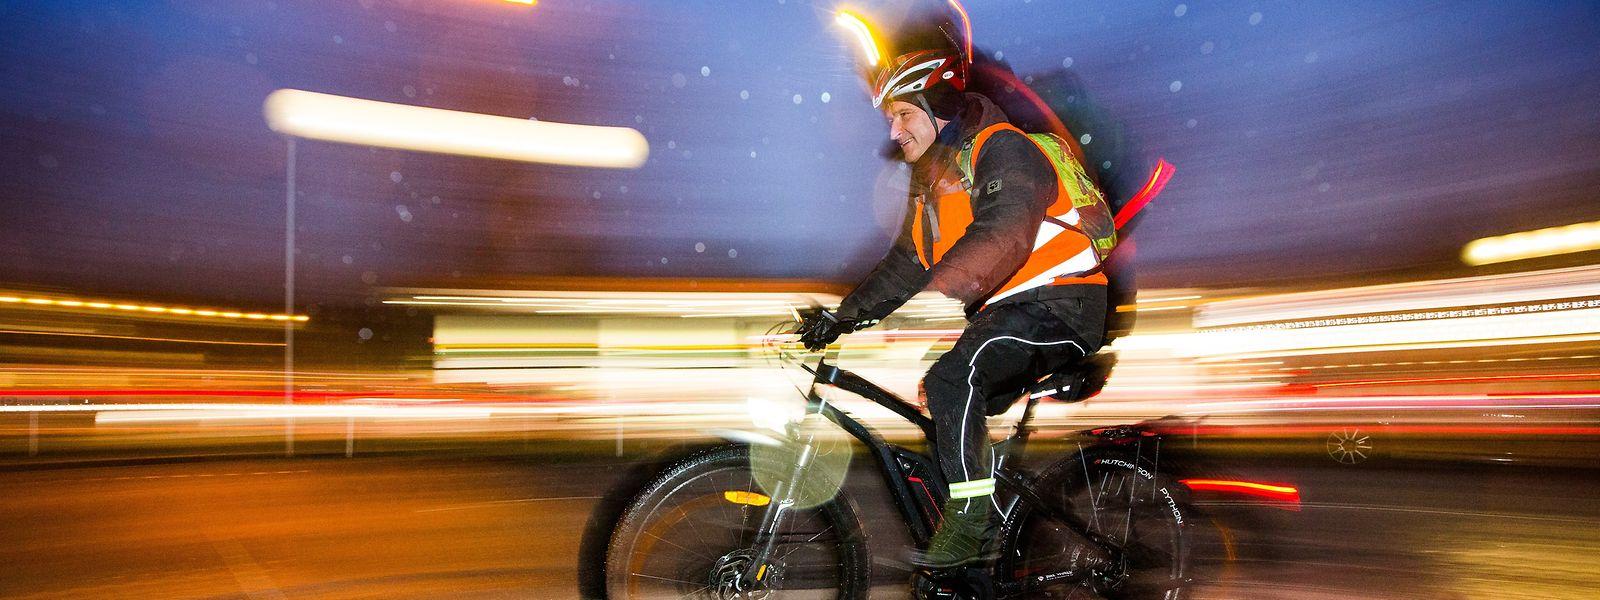 Depuis mars 2019, l'Etat a déjà soutenu l'achat de 10.500 bicyclettes, vélos classiques ou à pédalage assisté.